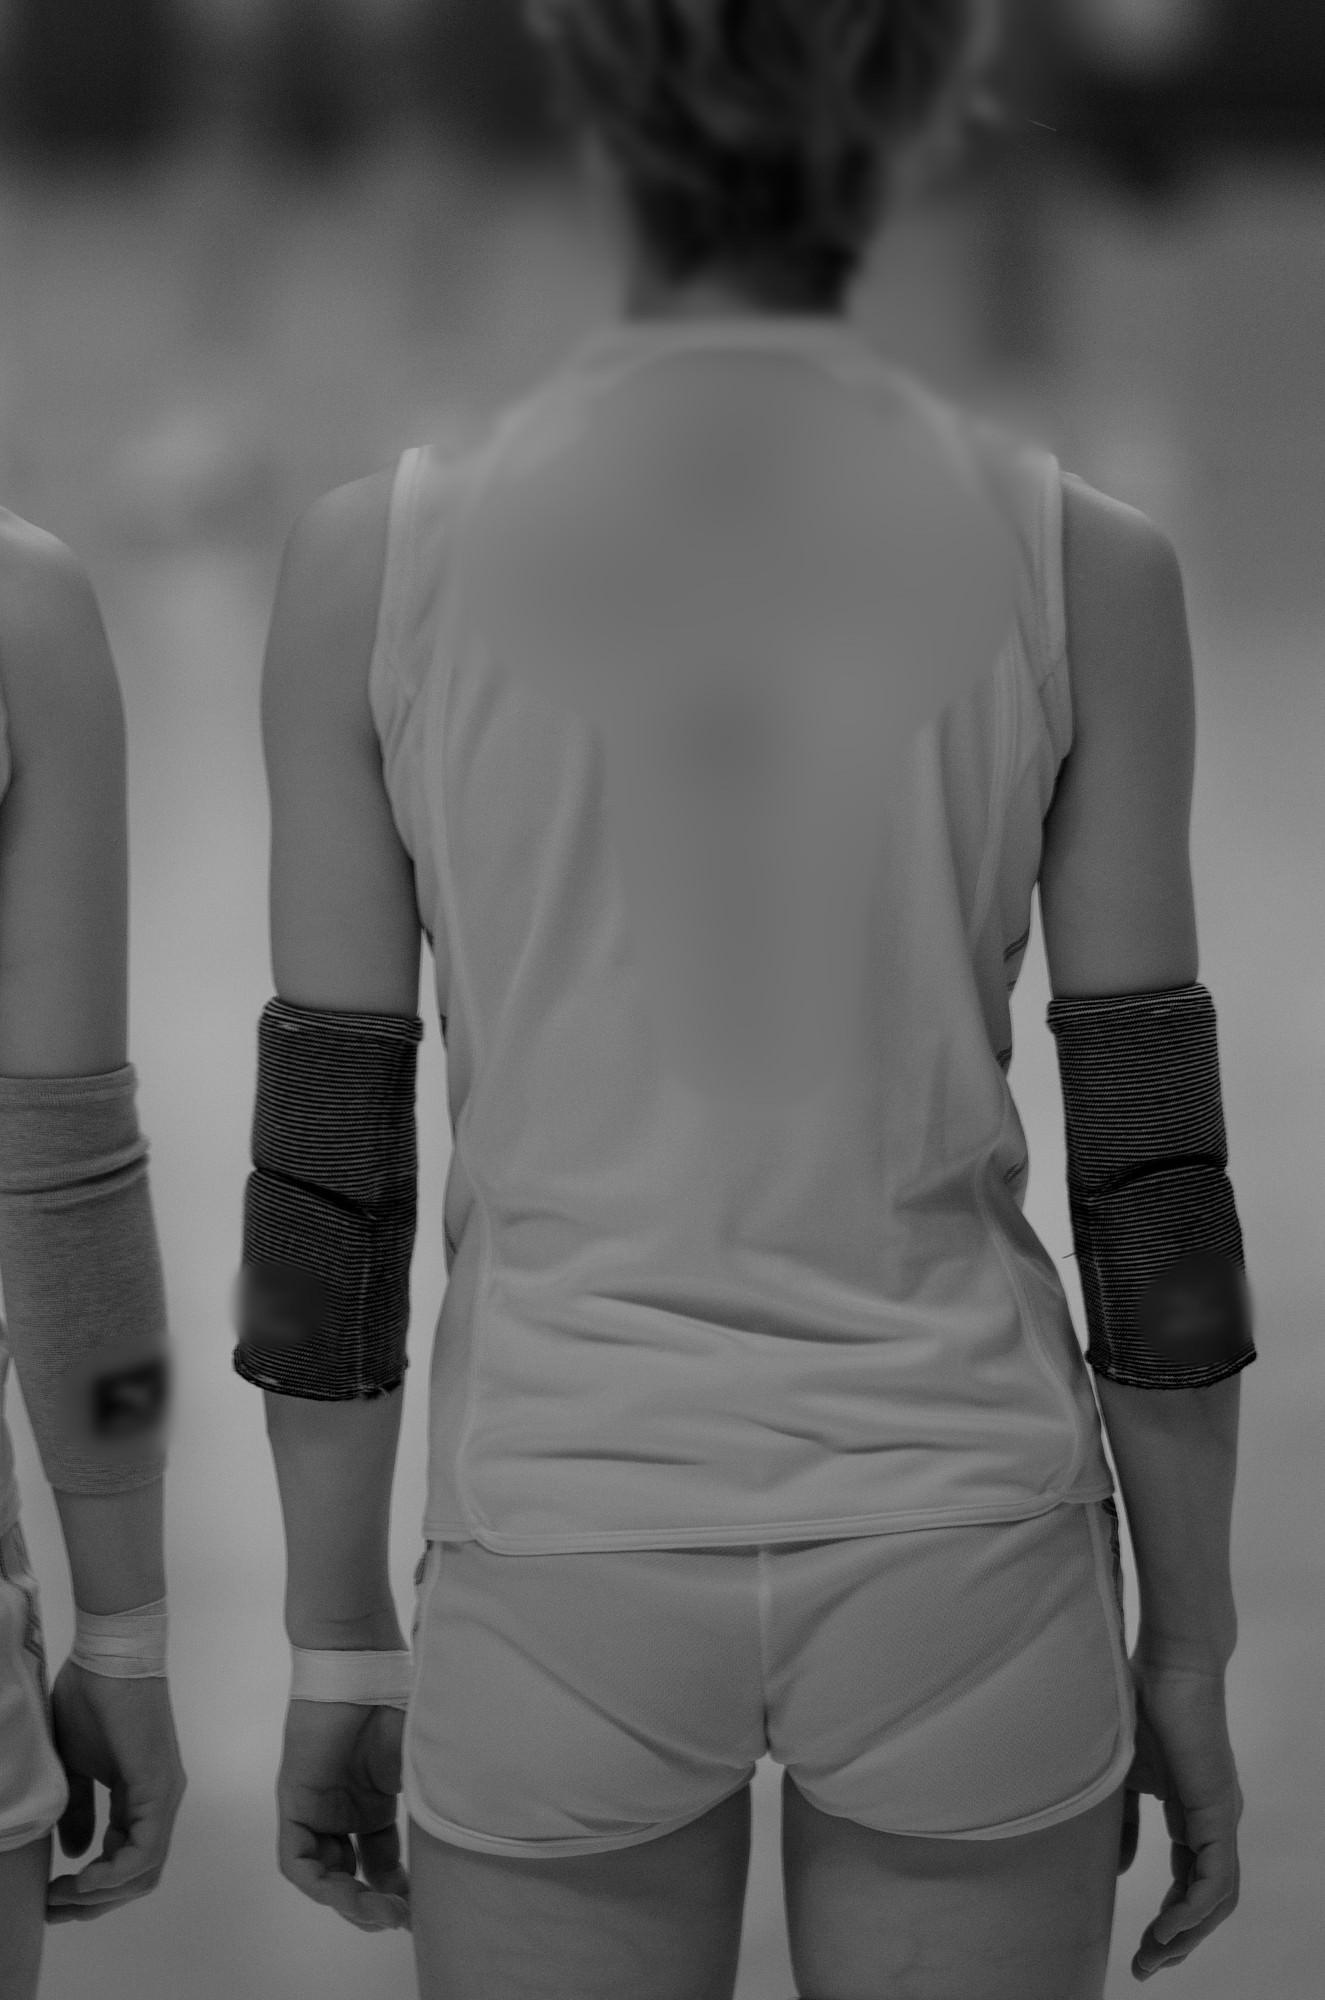 赤外線カメラ半端ない!!女子バレー選手のパンツとブラが透けまくってるスポーツ系エロ画像 1827